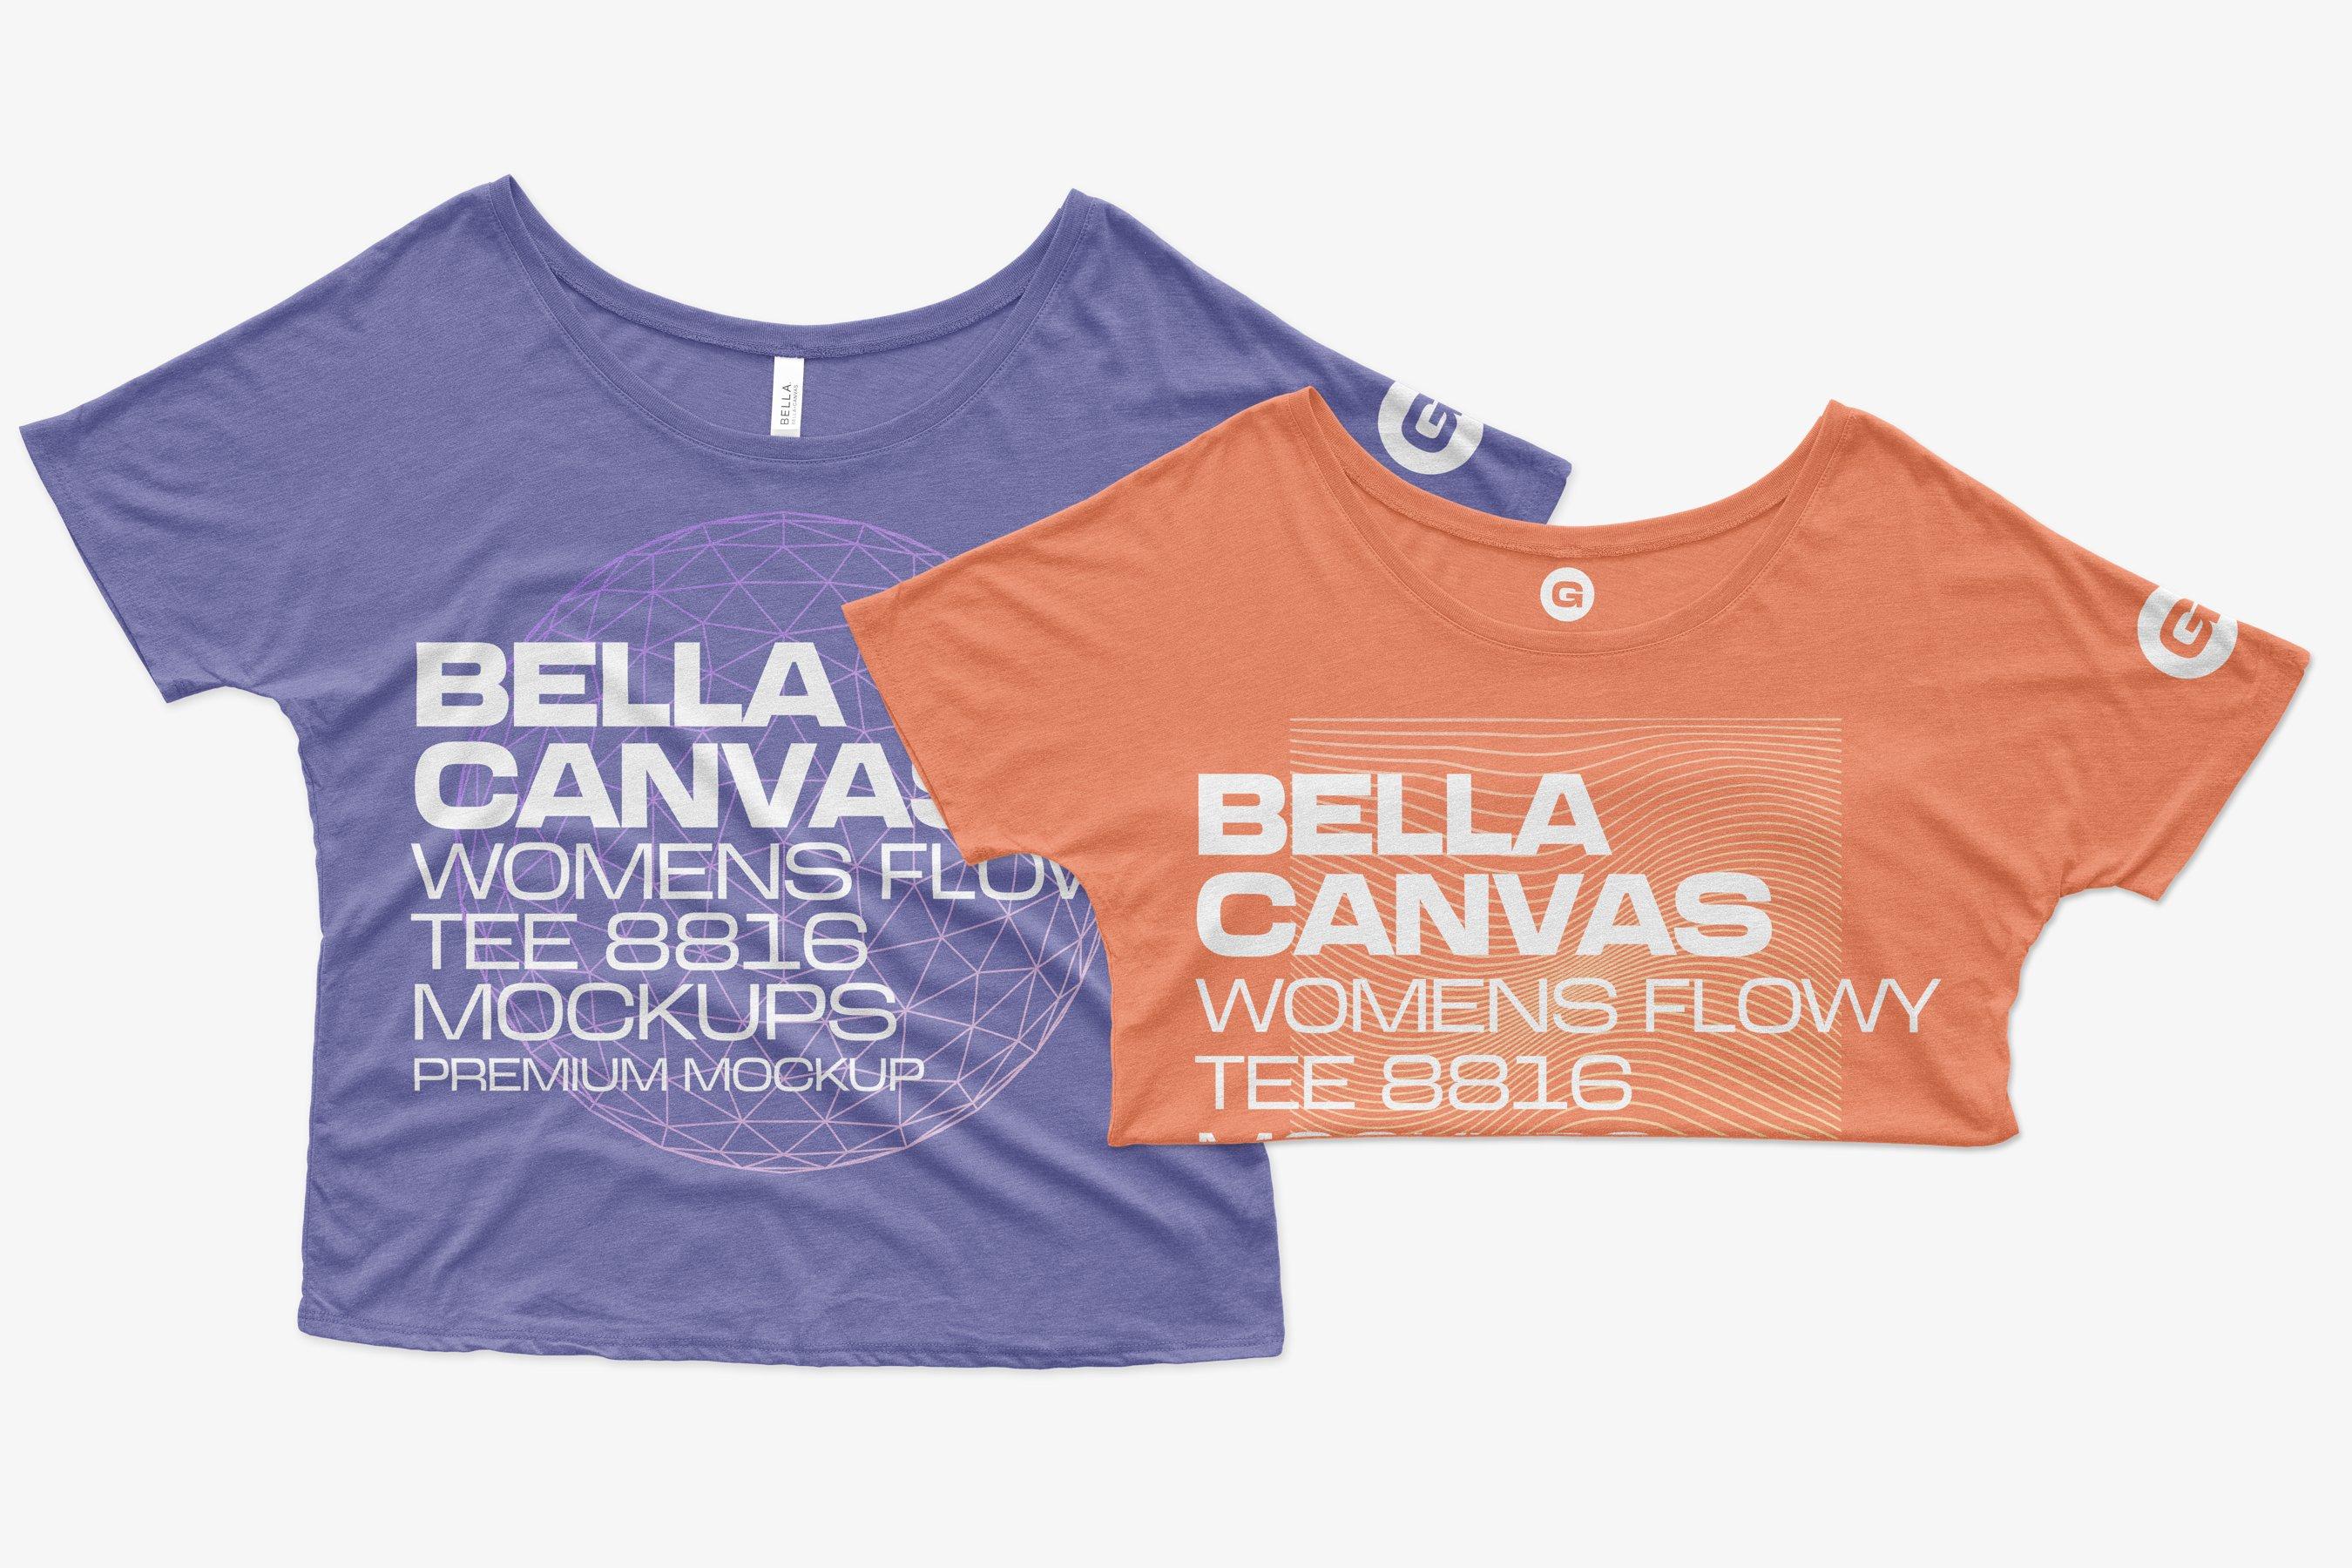 11个简约女士半袖T恤印花设计PS样机模板 Bella Canvas Flowy Tee 8816 Mockups插图6